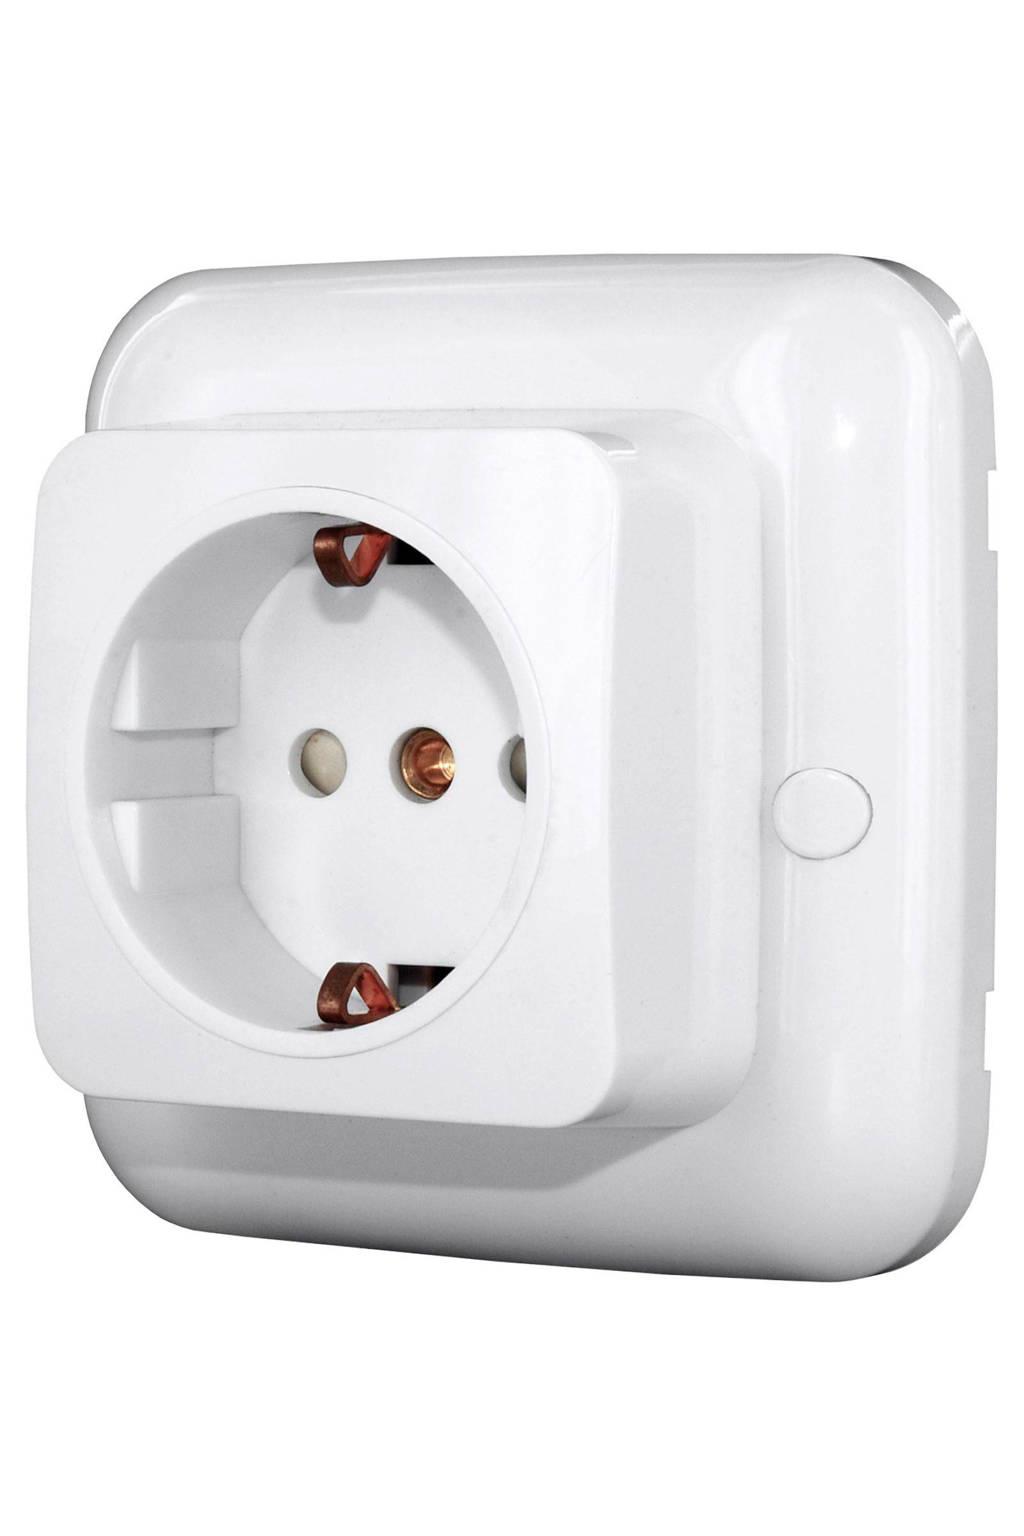 Smartwares SH5-RBS-23A inbouw contactdoos met aan/uit ontvanger, Wit